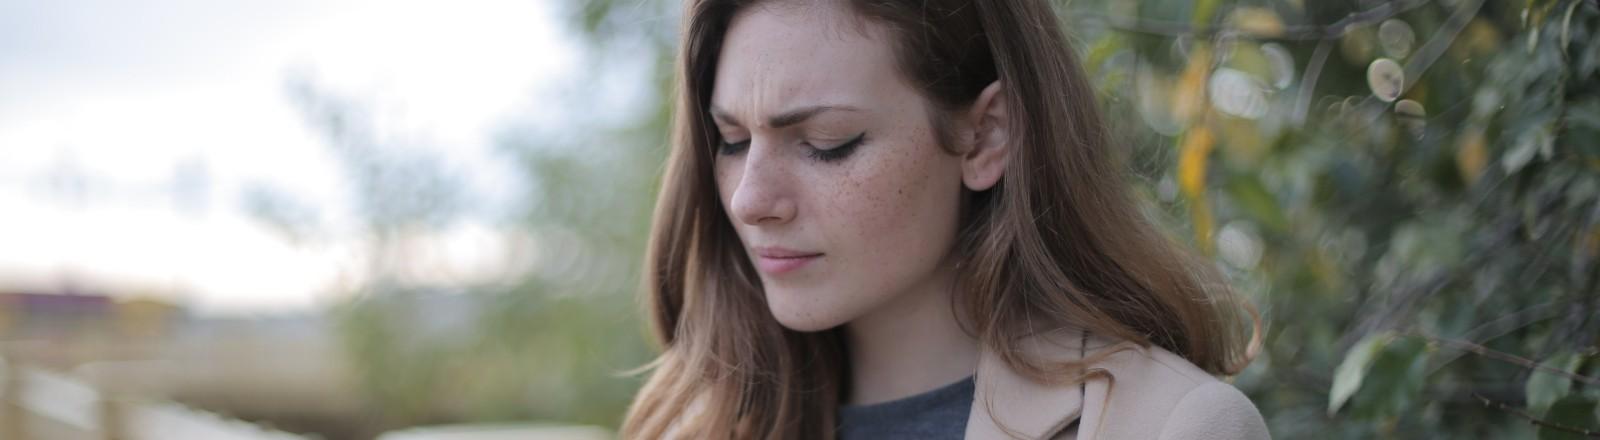 Eine junge Frau schaut gekränkt auf ihr Smartphone